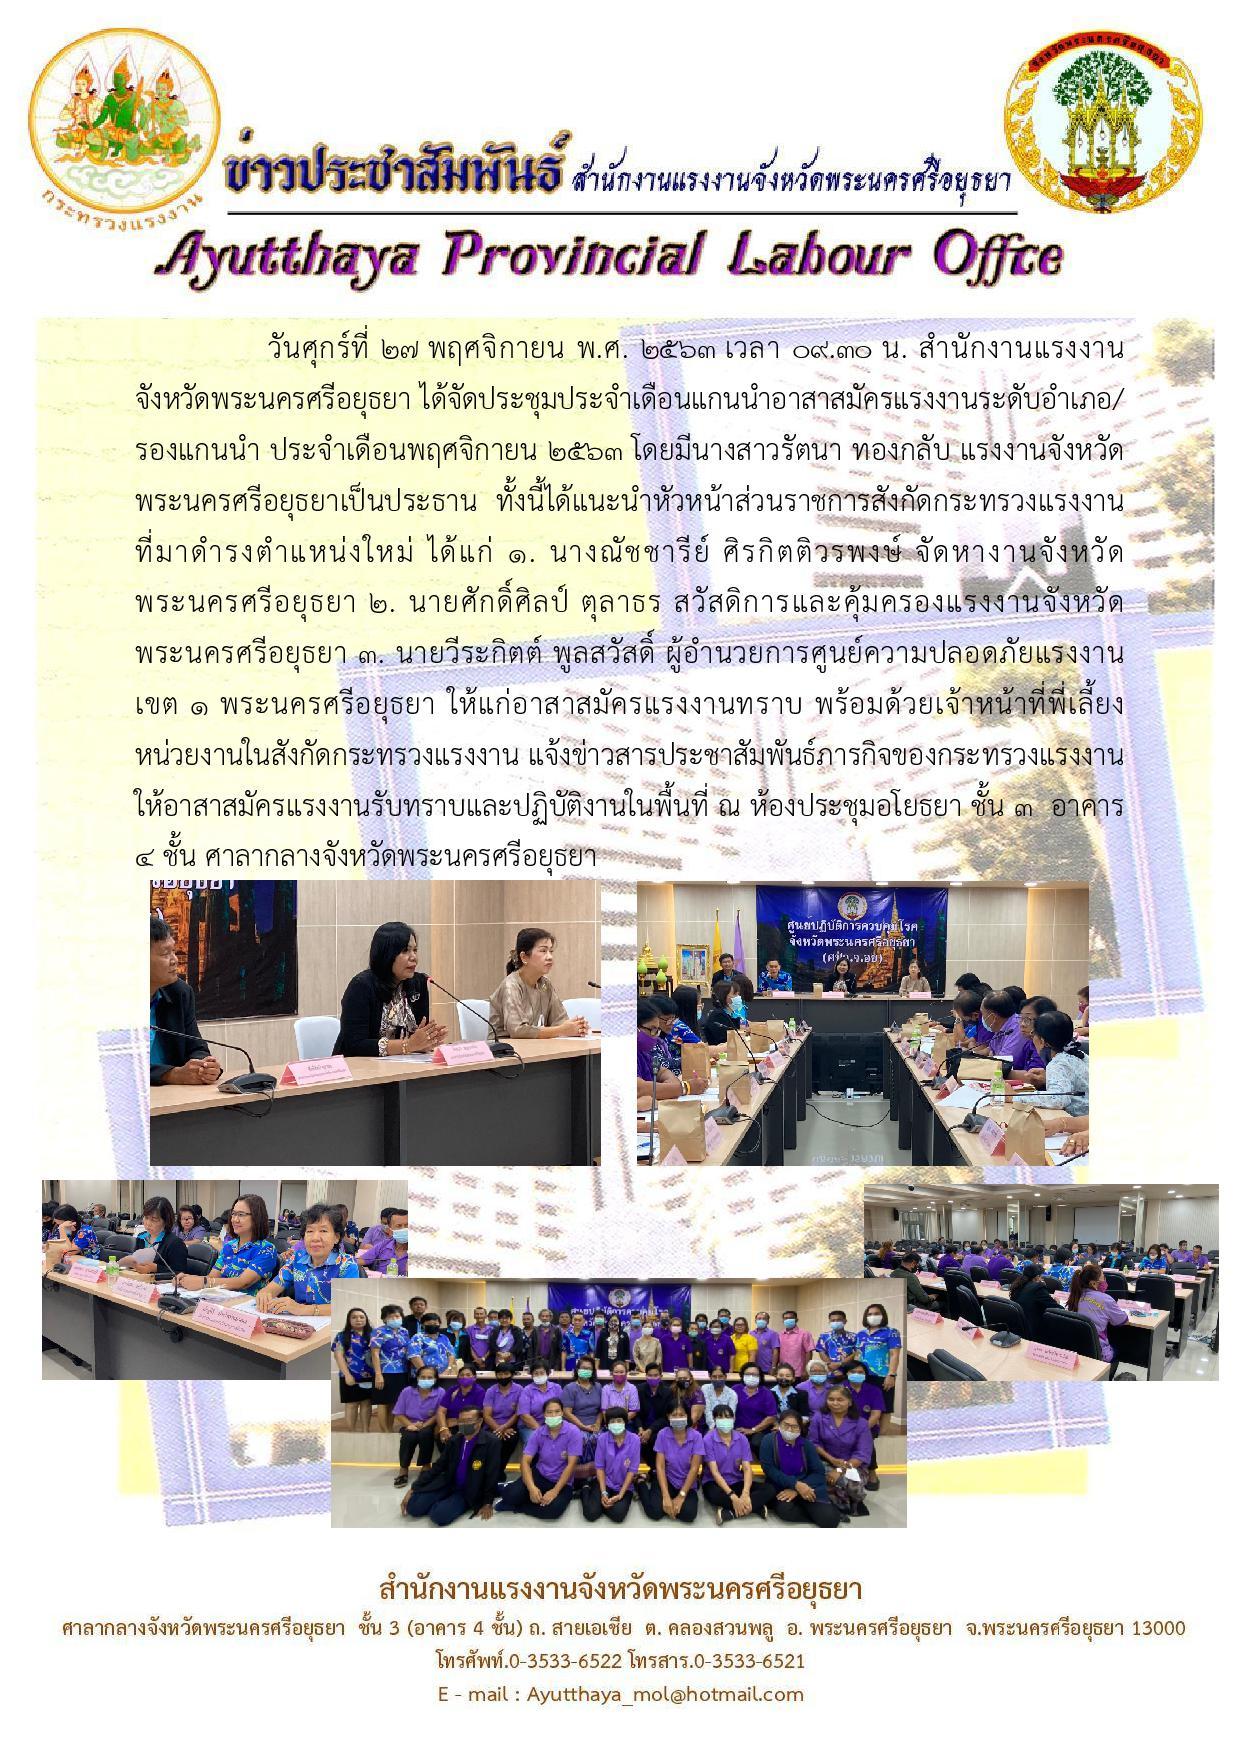 สำนักงานแรงงานจังหวัดพระนครศรีอยุธยา จัดประชุมประจำเดือนแกนนำอาสาสมัครแรงงานระดับอำเภอ/รองแกนนำ ประจำเดือนพฤศจิกายน 2563